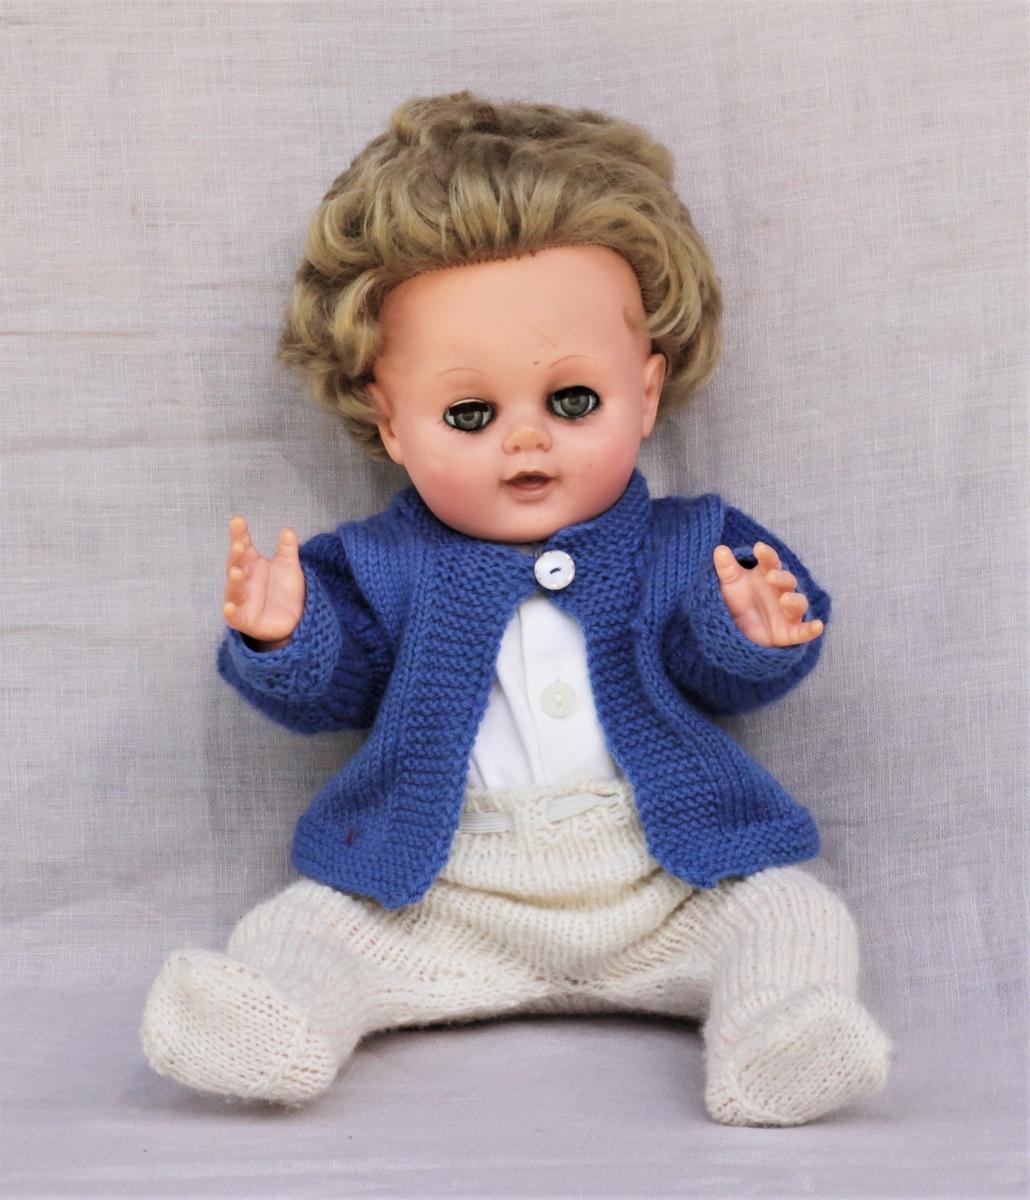 Dukke (a) med hvit, strikket ullbukse (b), hvit undertrøye (c) og blå, strikket ulljakke (d).